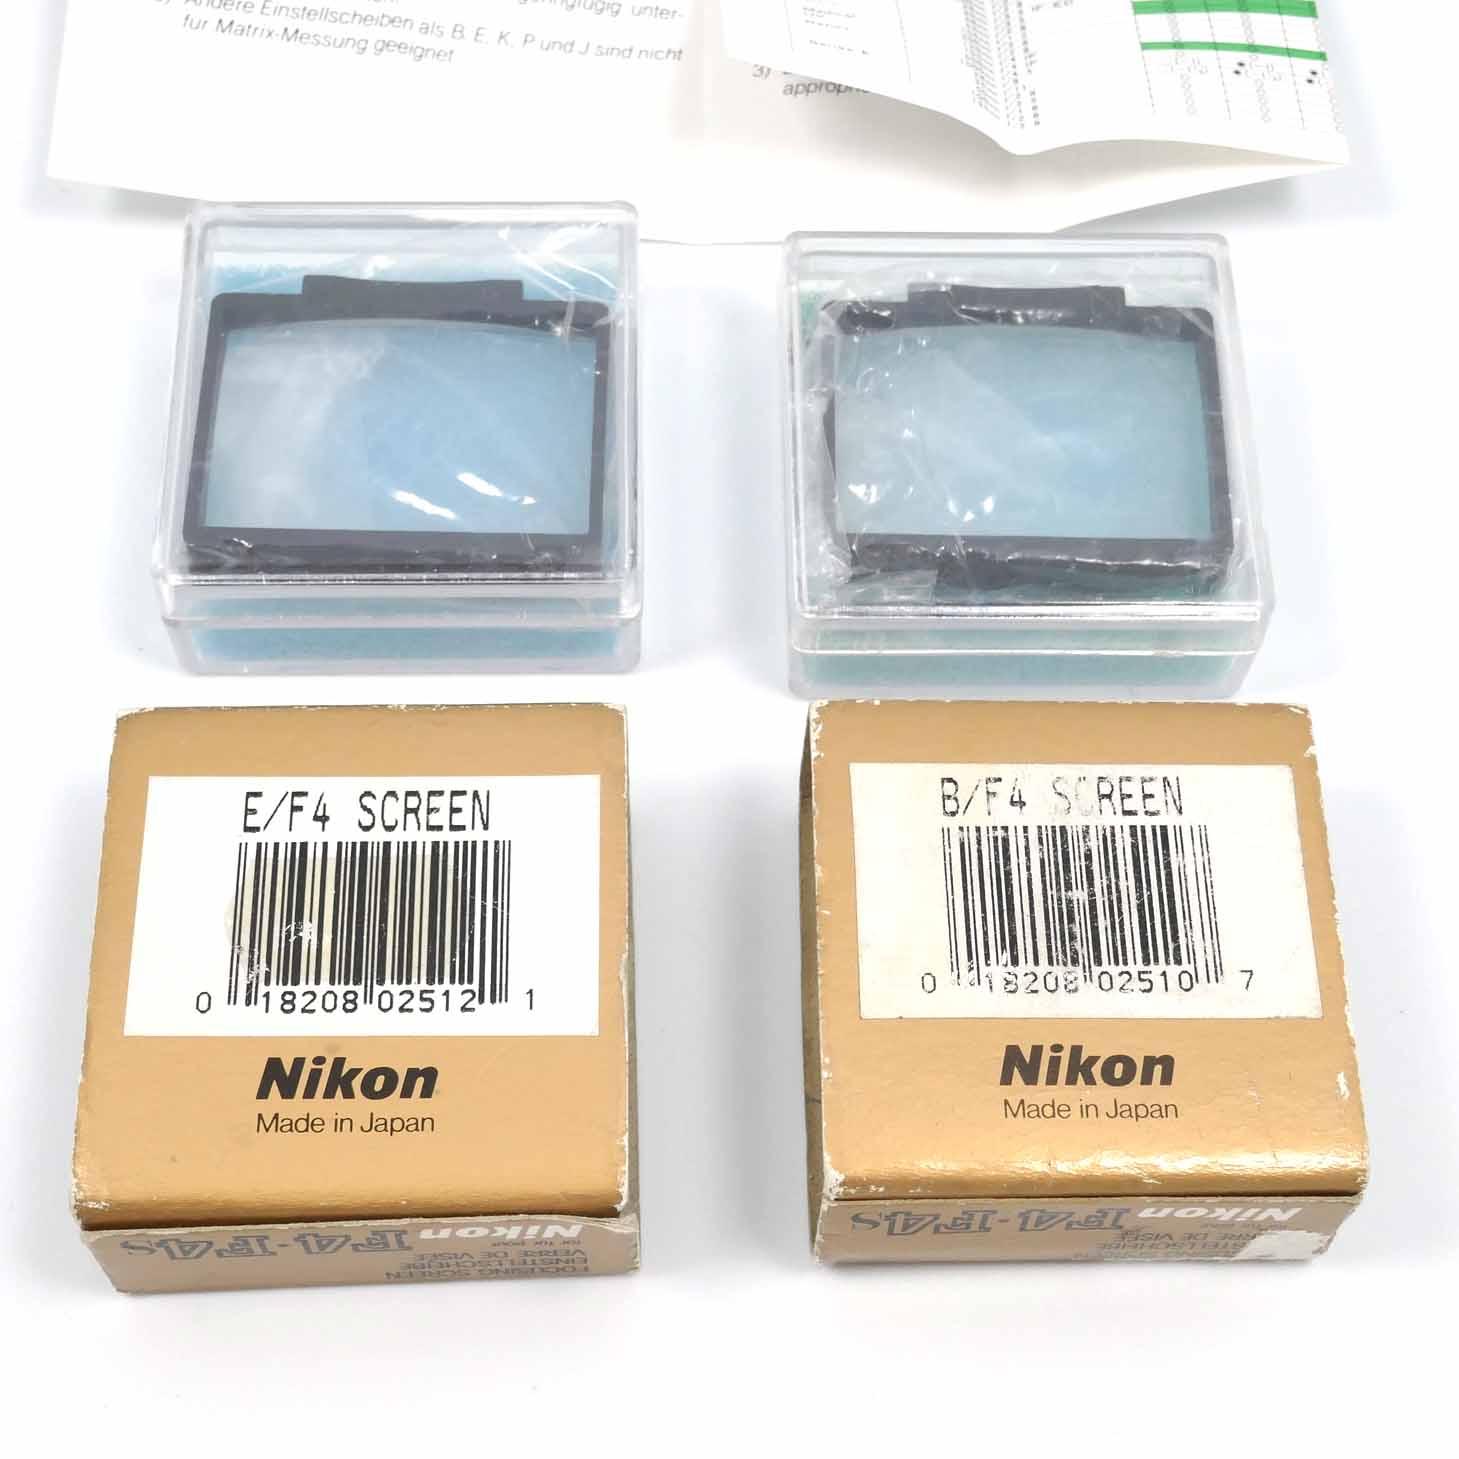 clean-cameras-Nikon-F4s-Mattscheibe-B+E-03